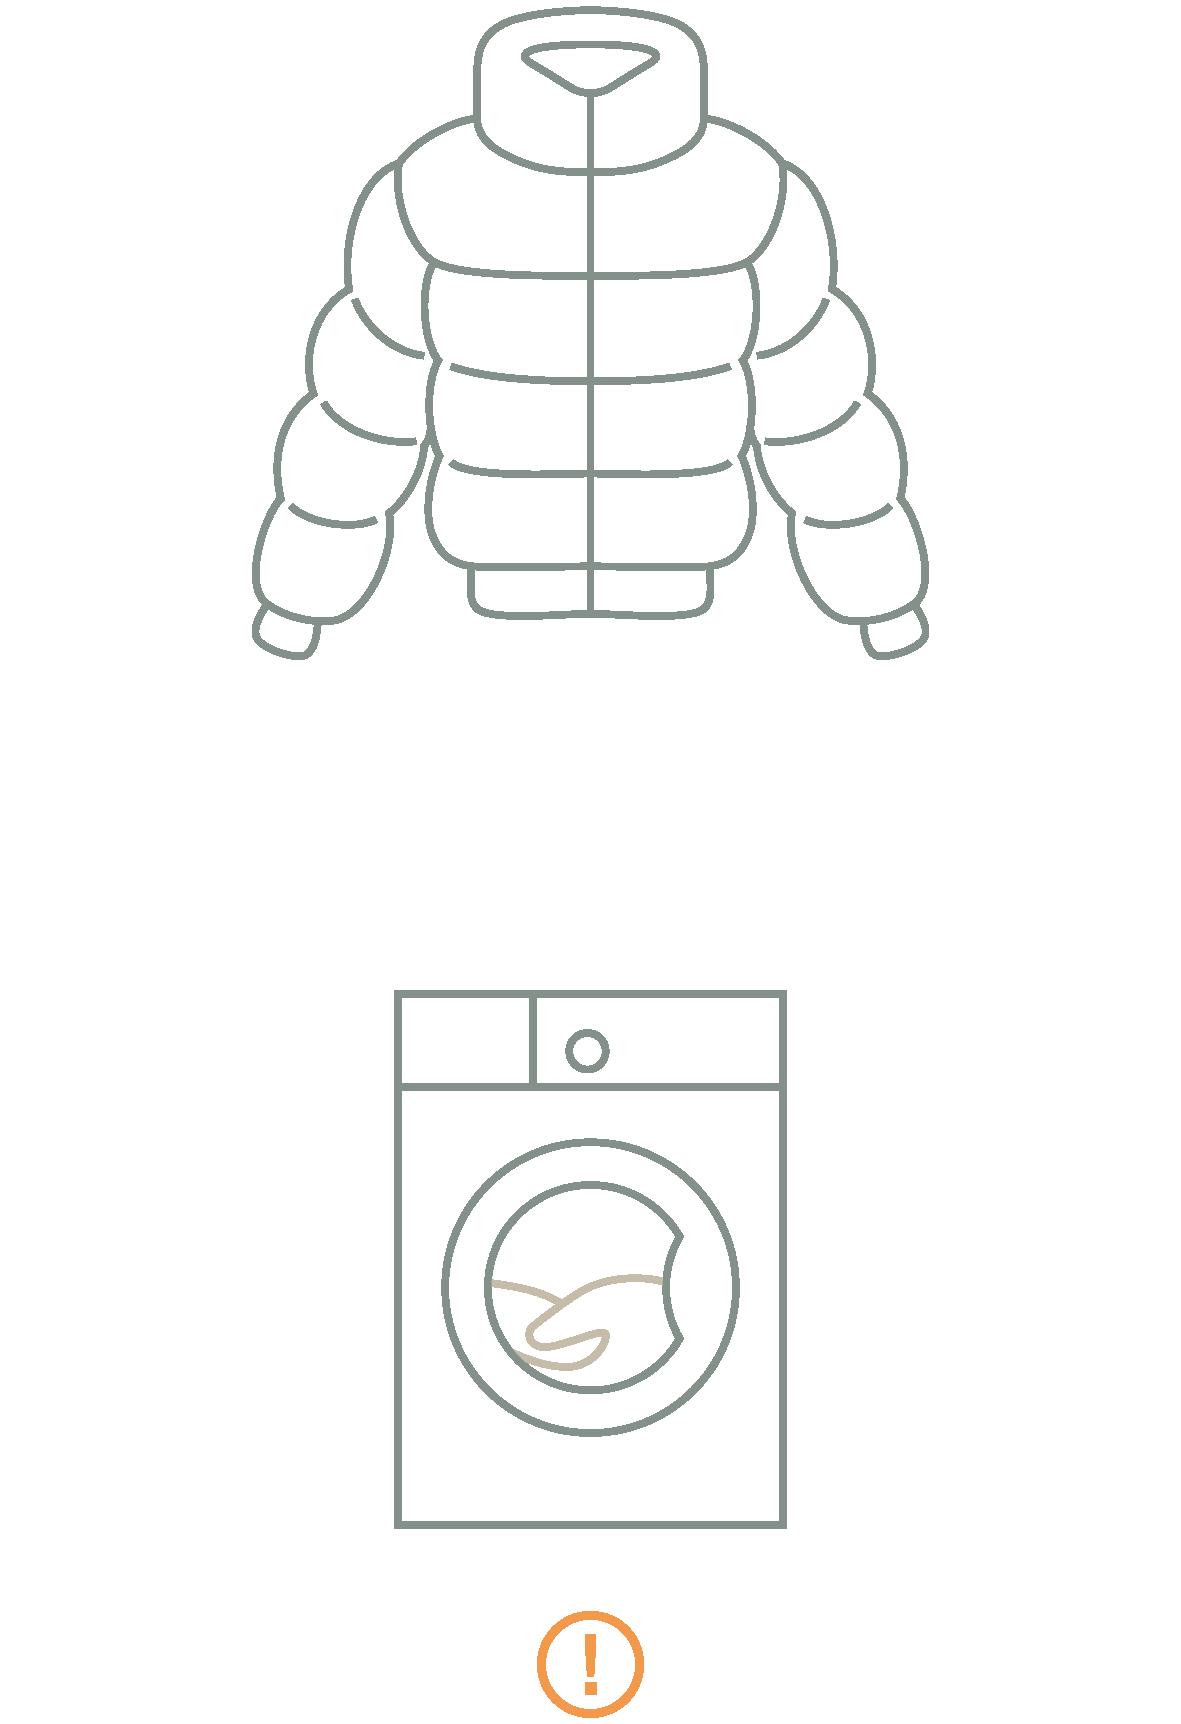 Daunenjacke und Waschmaschine als Icon